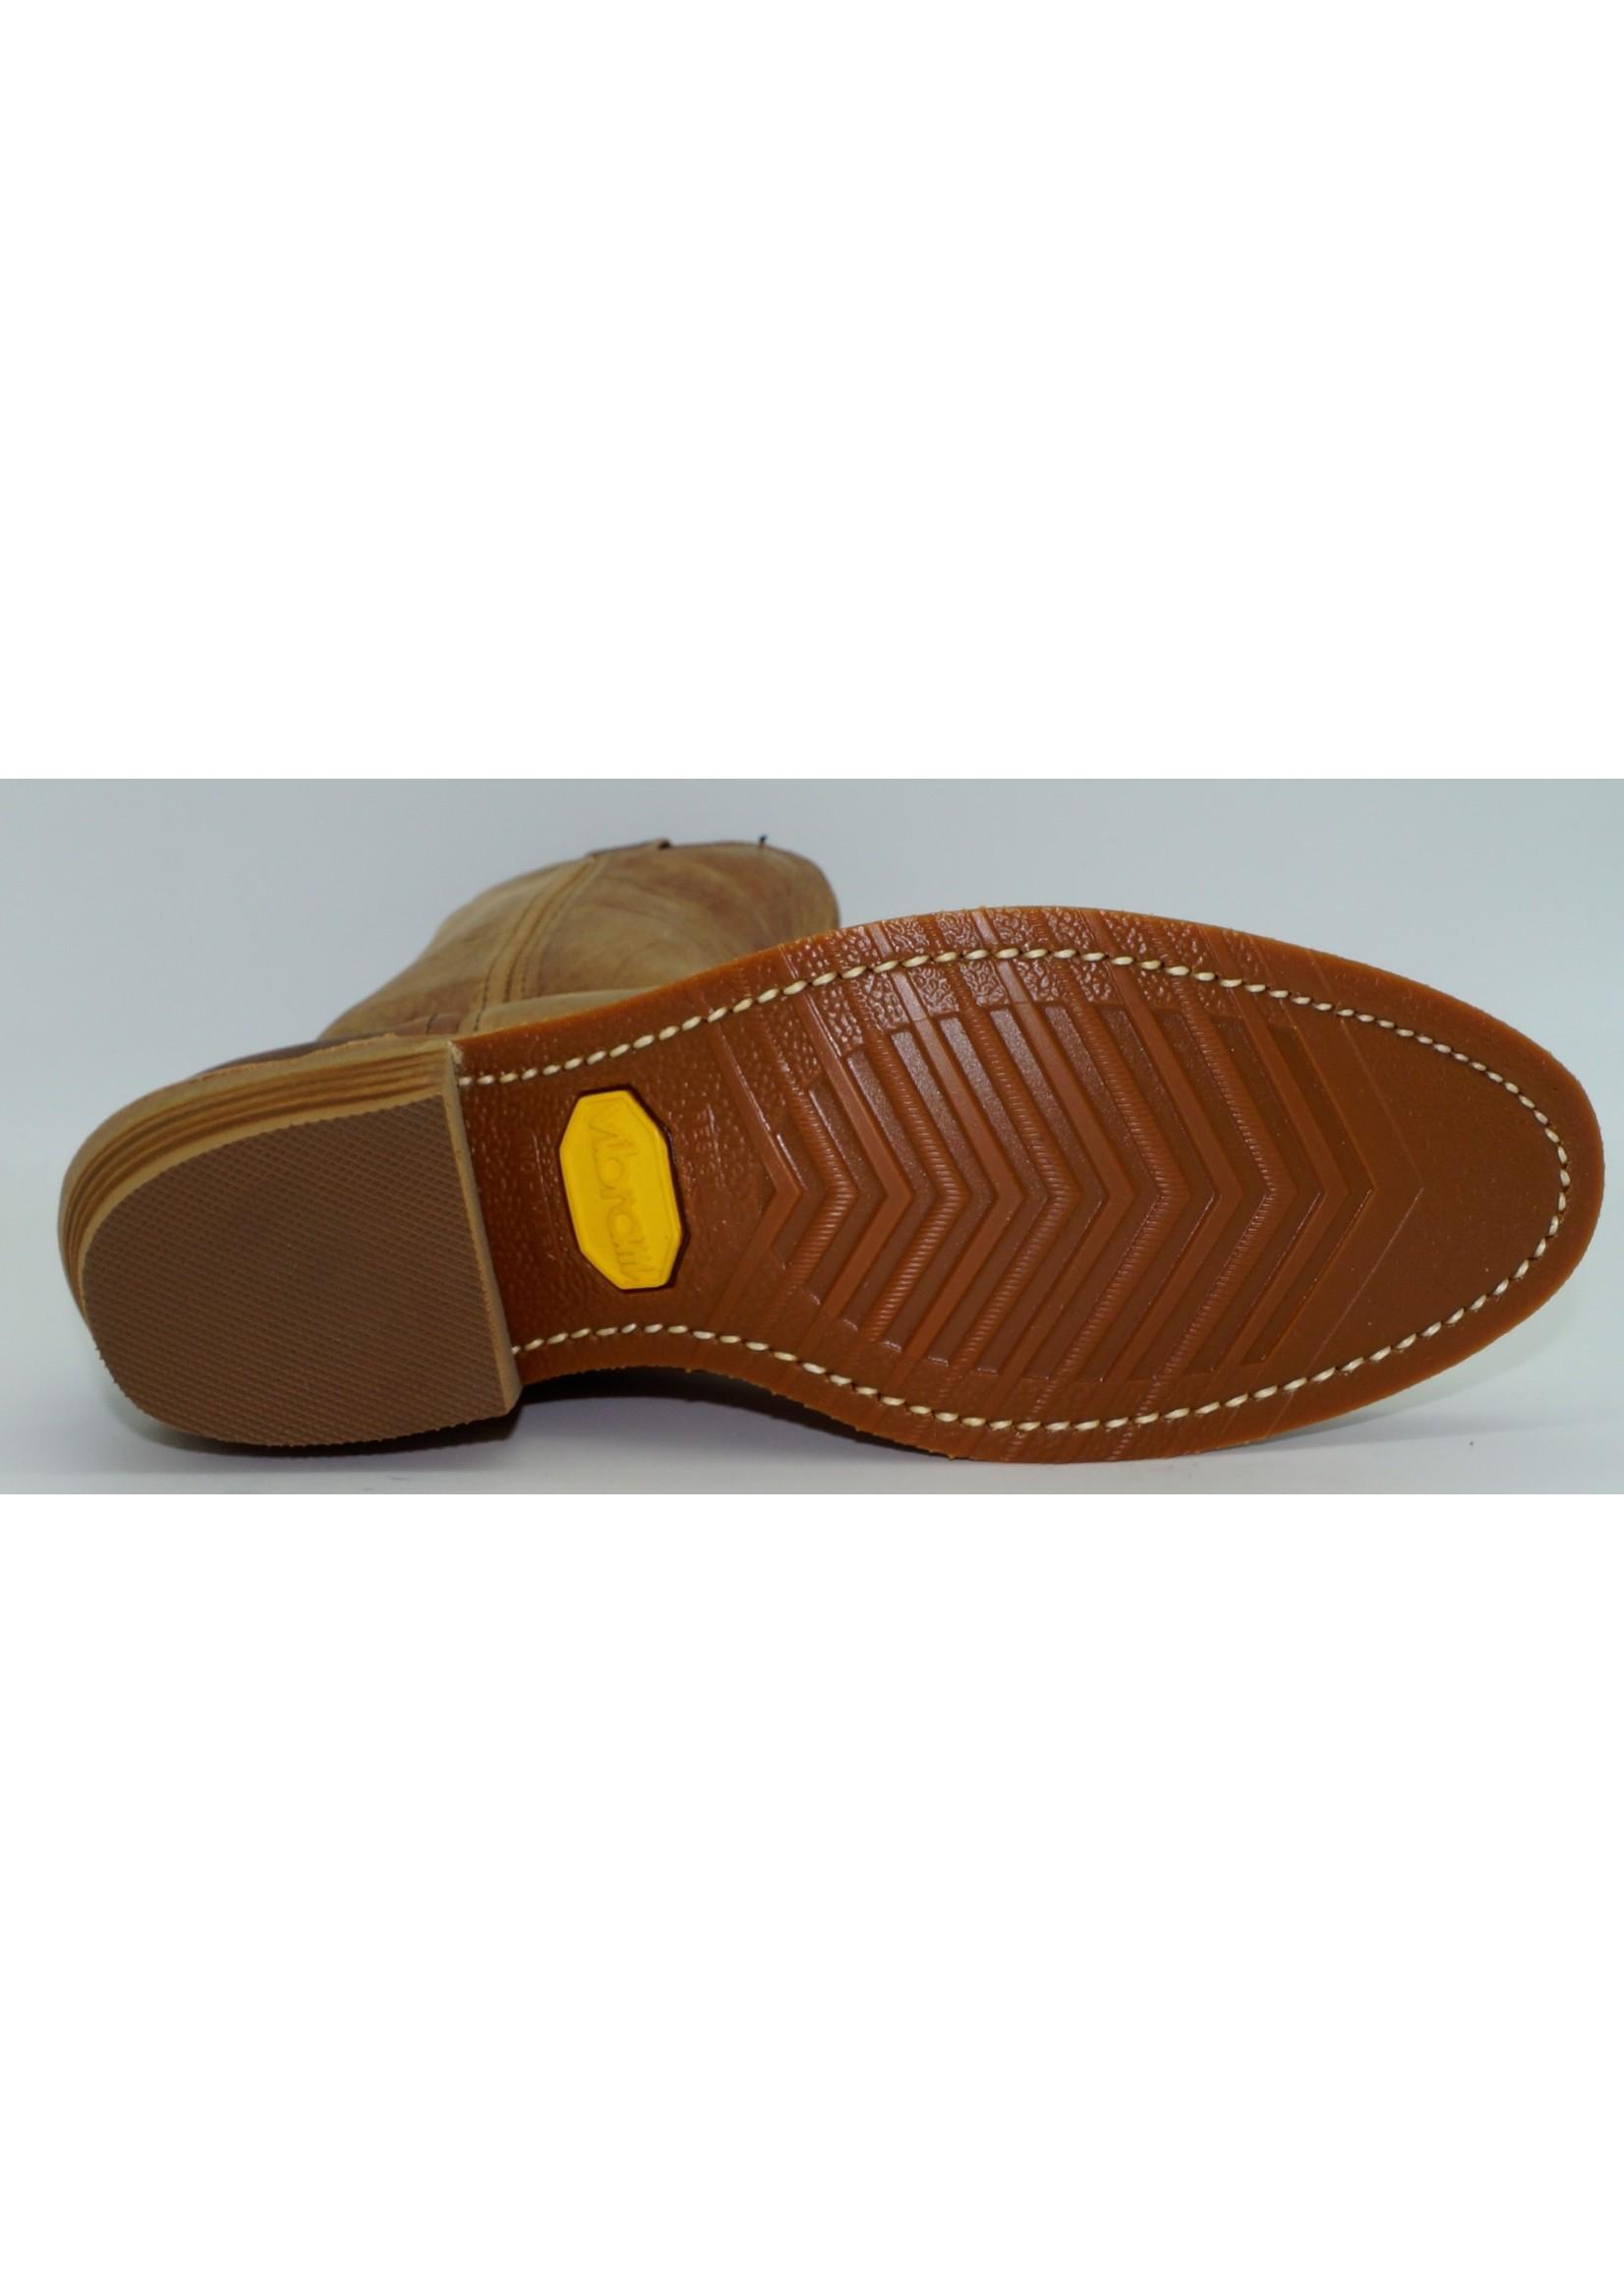 Dan Post Men's Western Leather Boot - DP68526